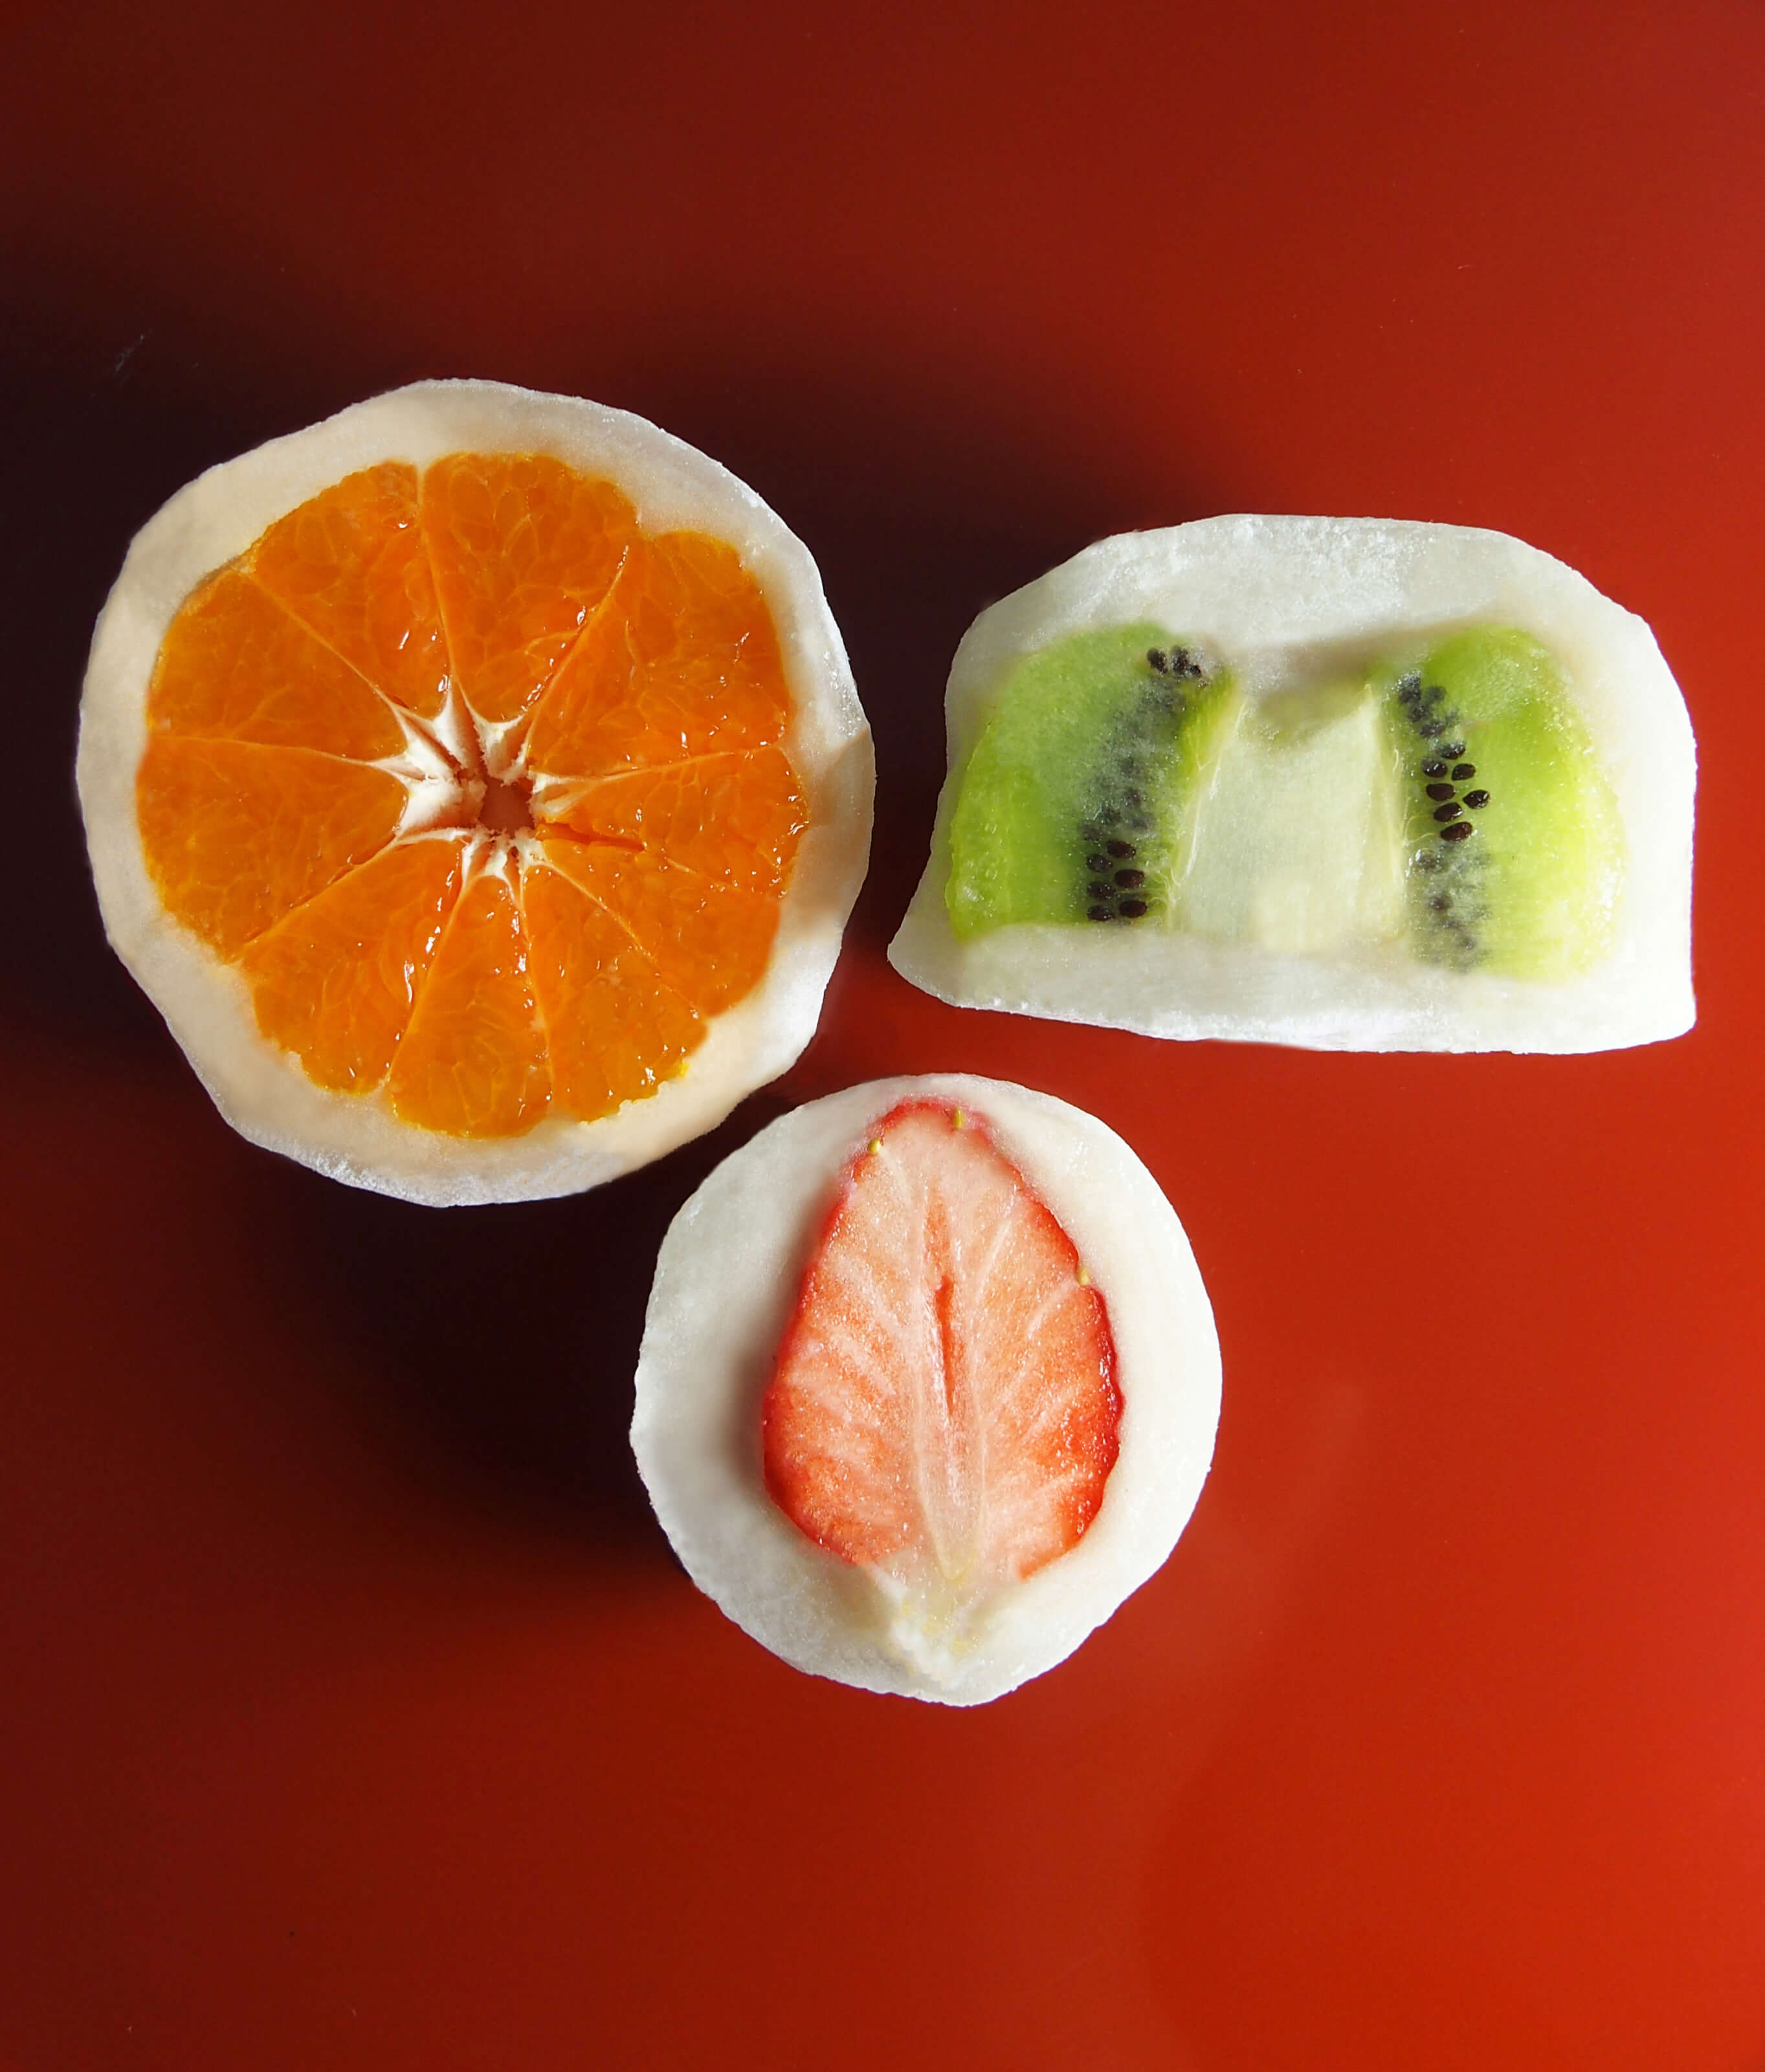 銀座千疋屋水果餅!將在新宿「花園萬頭 CAFE&SHOP」登場 在新宿、甜點、